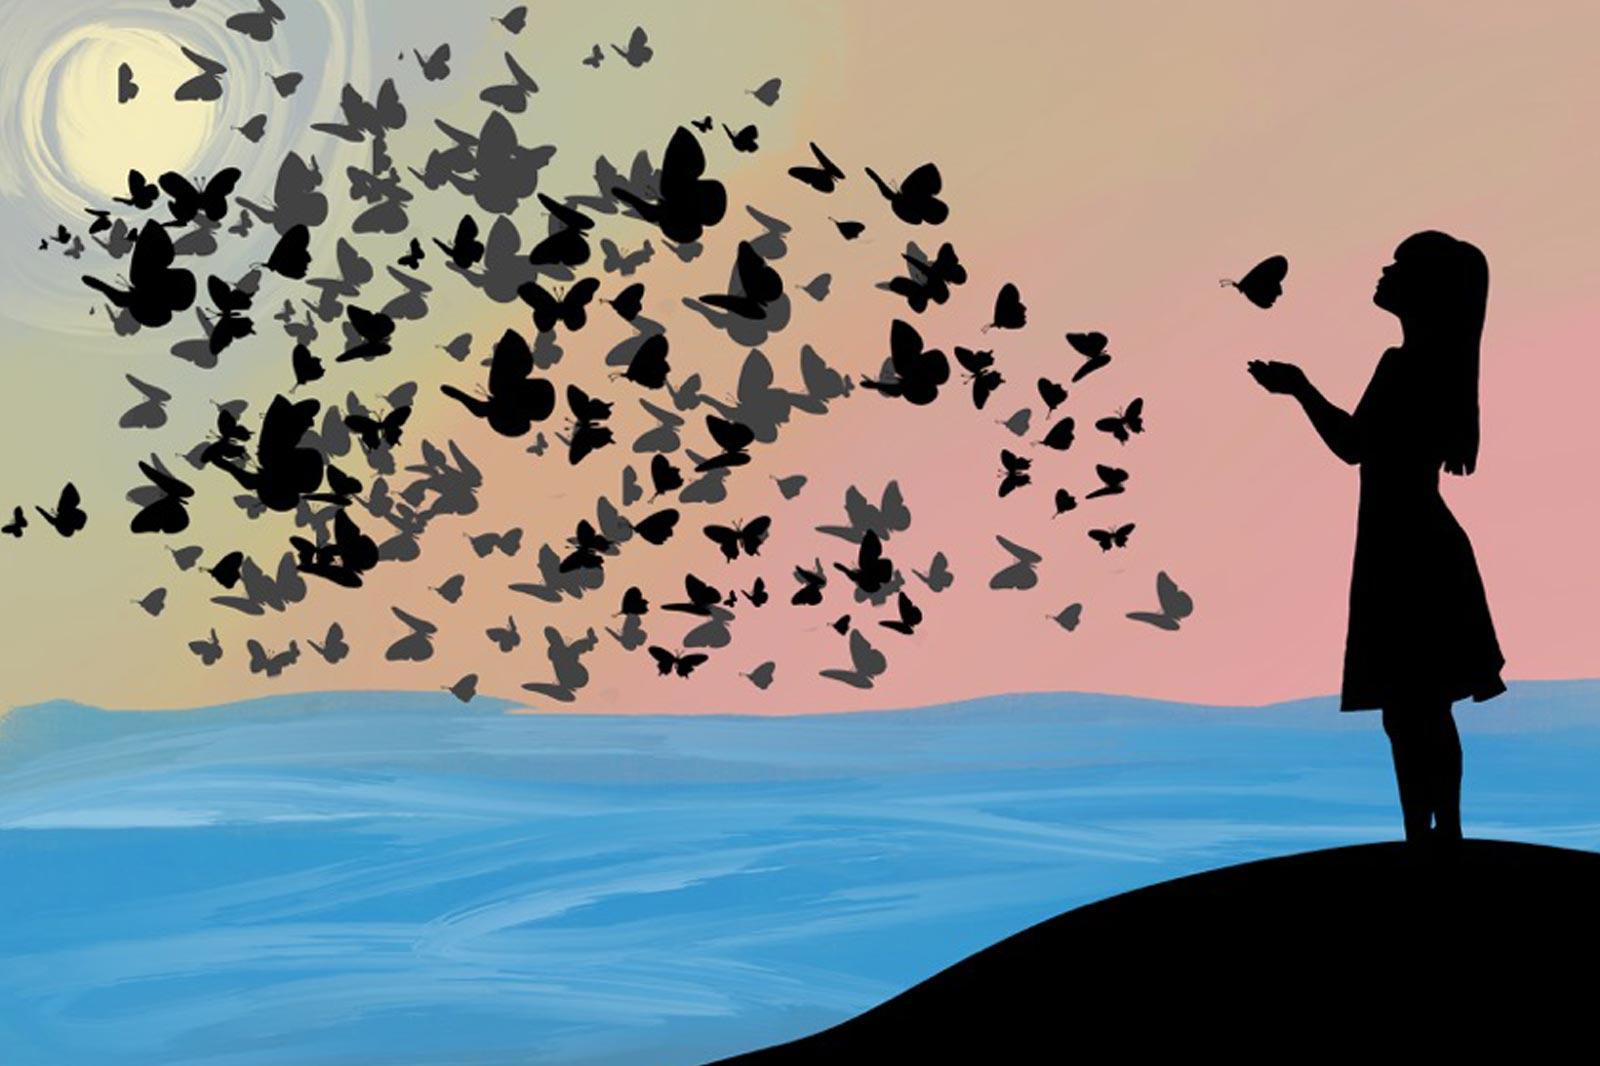 Am Ozean der Trauer spüre ich den sanften Flügelschlag der Liebe.